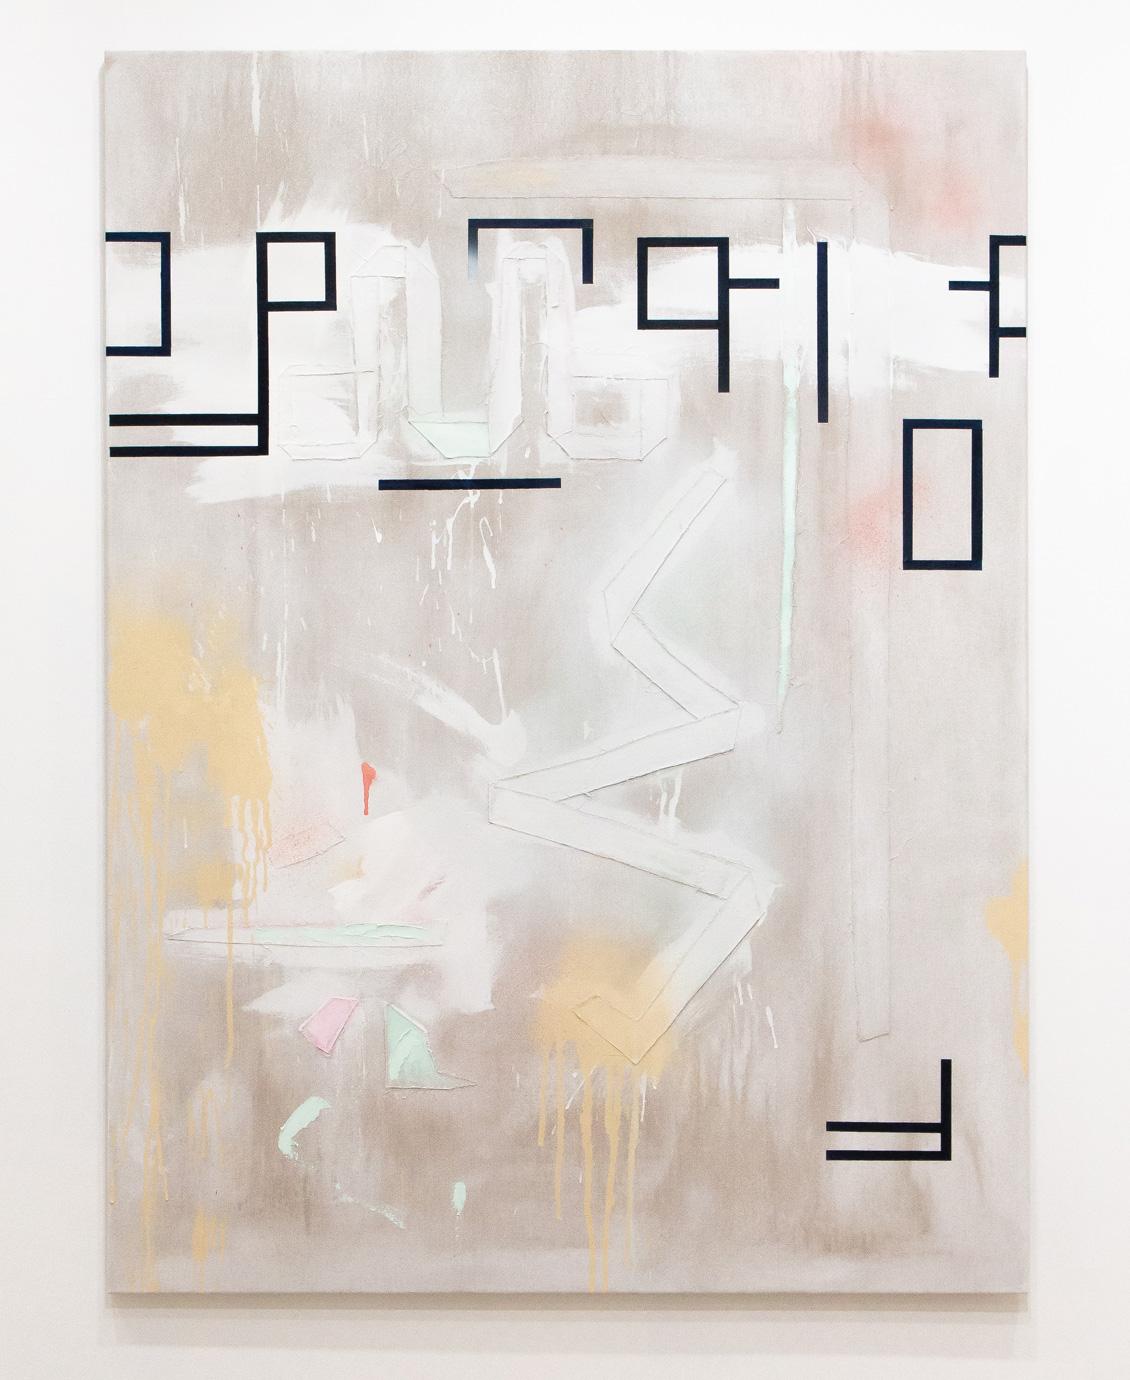 SARAH crowEST  Appliqué #3 (soft eyes, dubwise)  2018 linen, gesso, acrylic paint, linen and cotton thread 137 × 102 cm